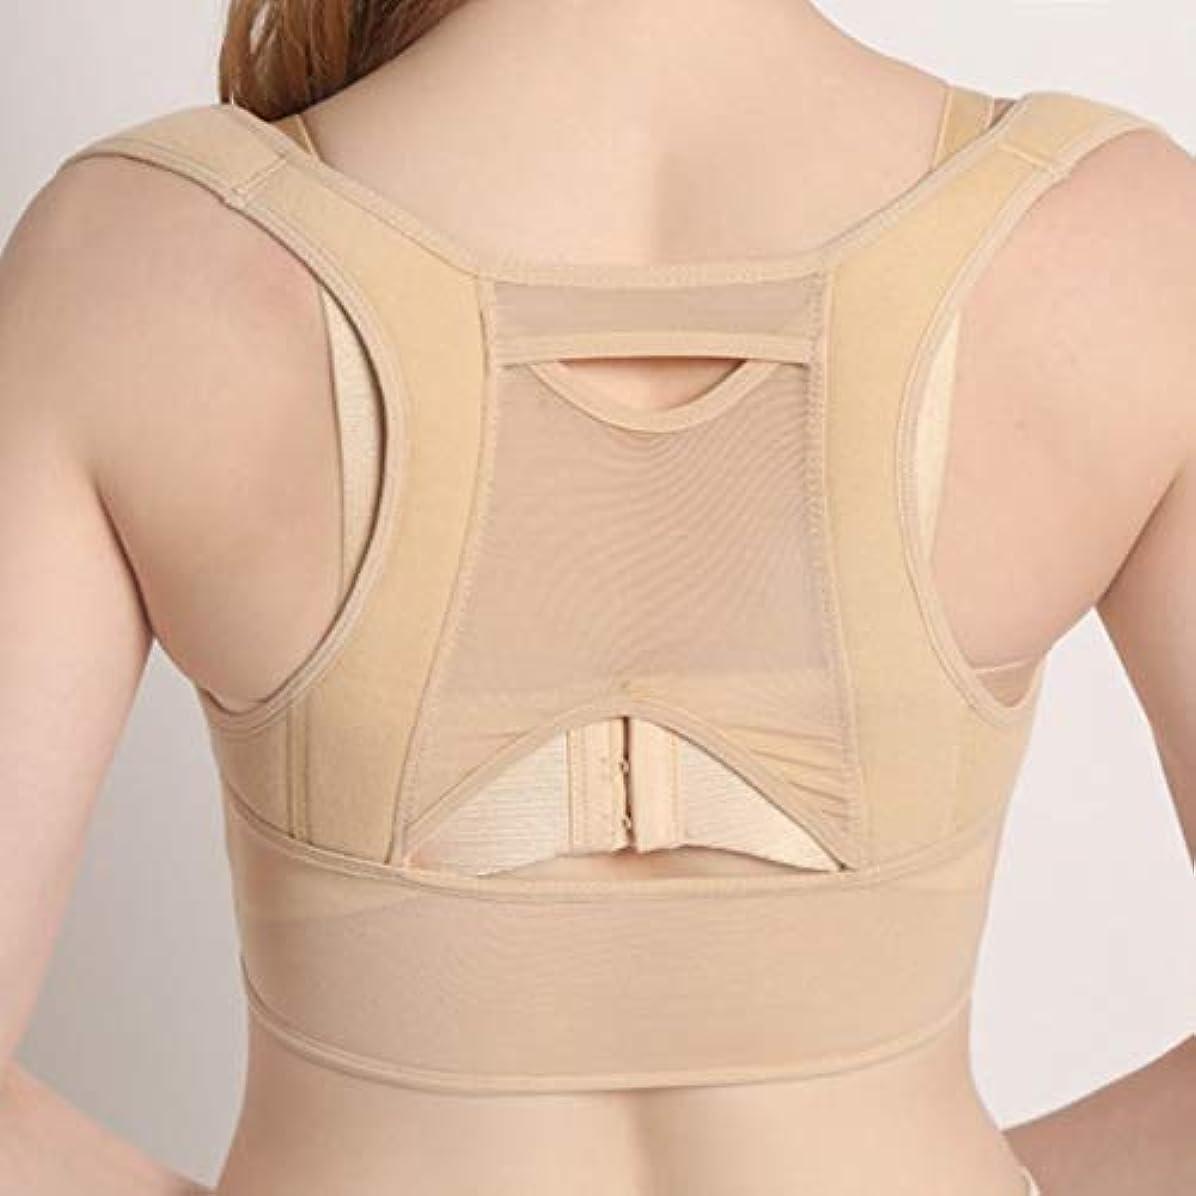 マーカーステーキレタッチ通気性の女性のバック姿勢矯正コルセット整形外科上部へ戻るショルダー脊椎姿勢コレクターランバーサポート